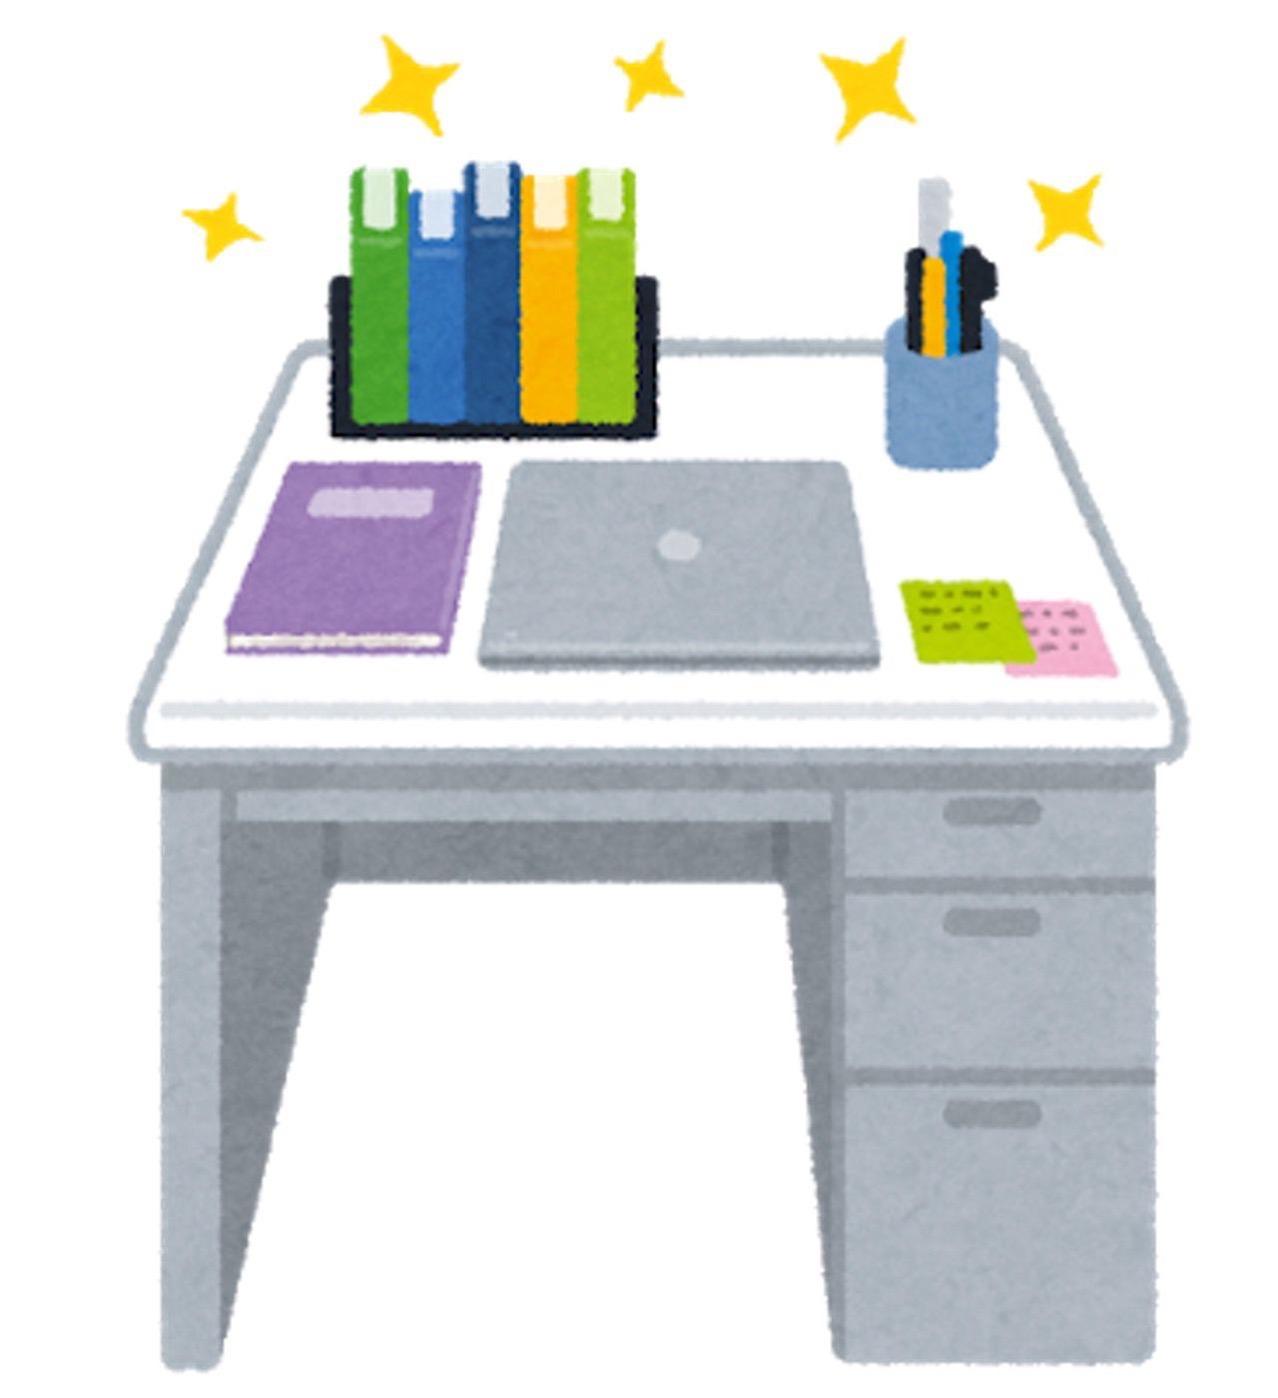 整理された机